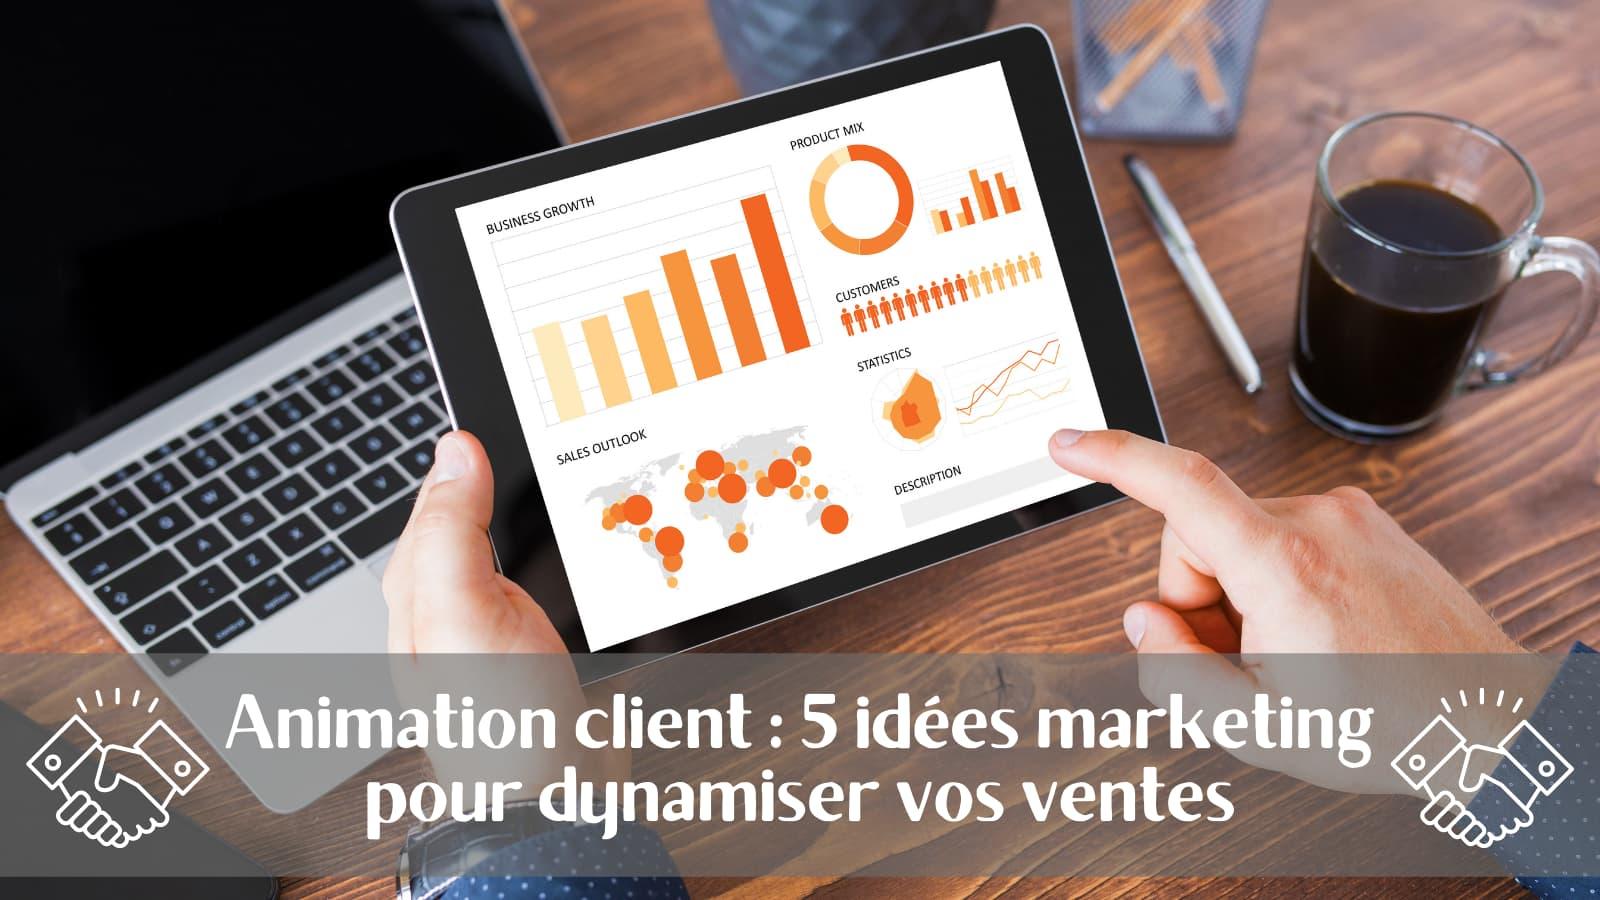 Animation client : 5 idées marketing pour dynamiser vos ventes